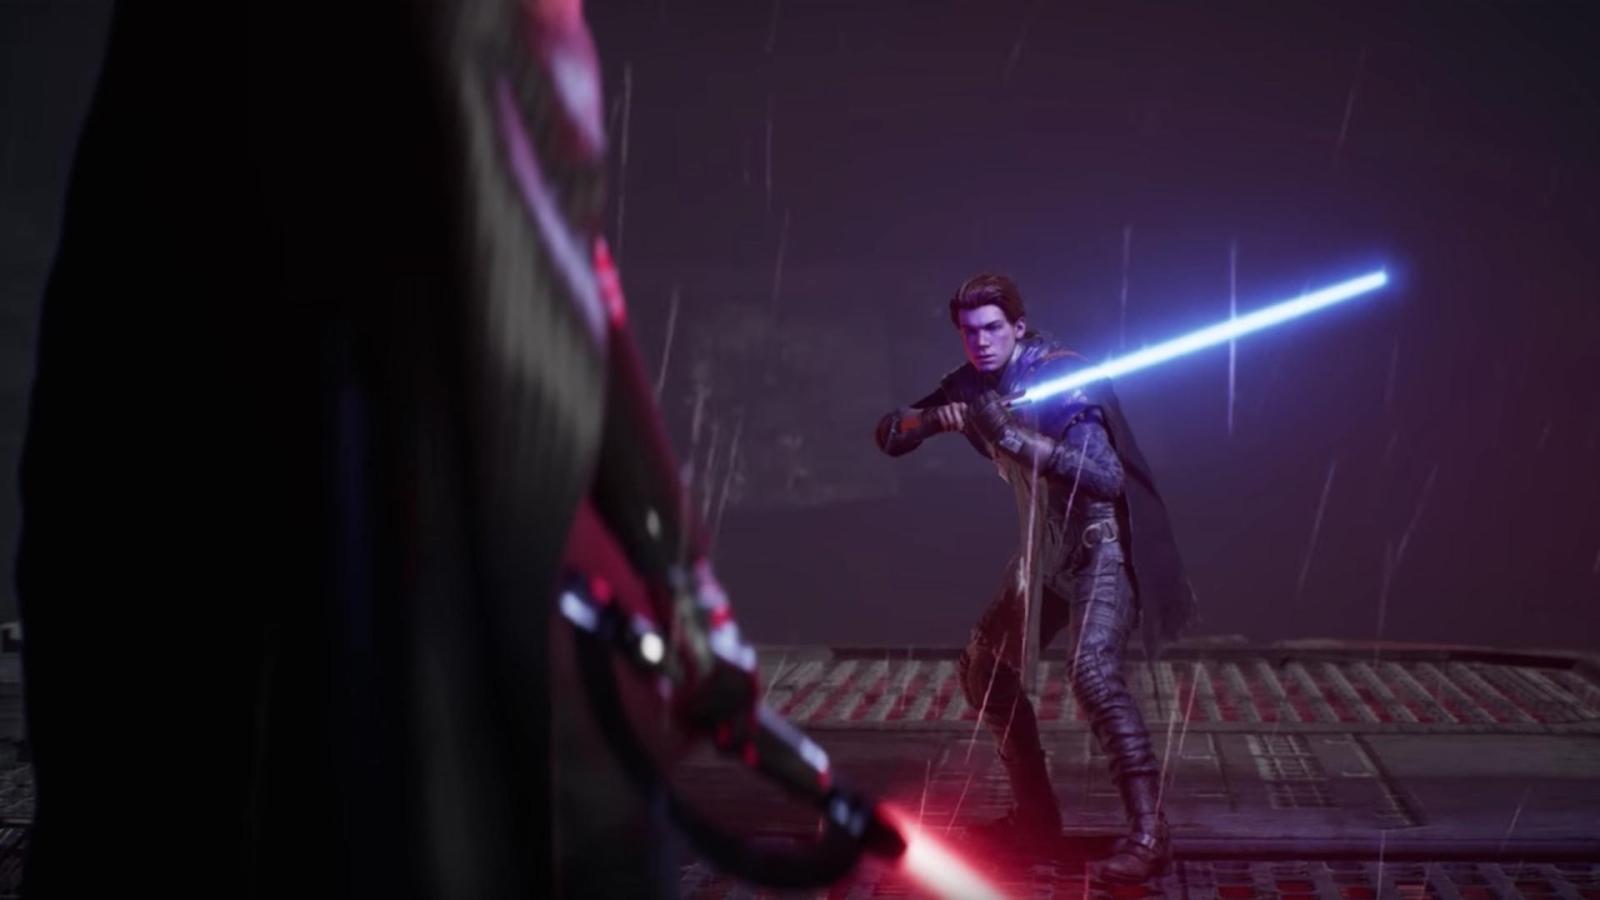 Осторожно, спойлеры: датамайнеры получили доступ к файлам Star Wars Jedi: Fallen Order